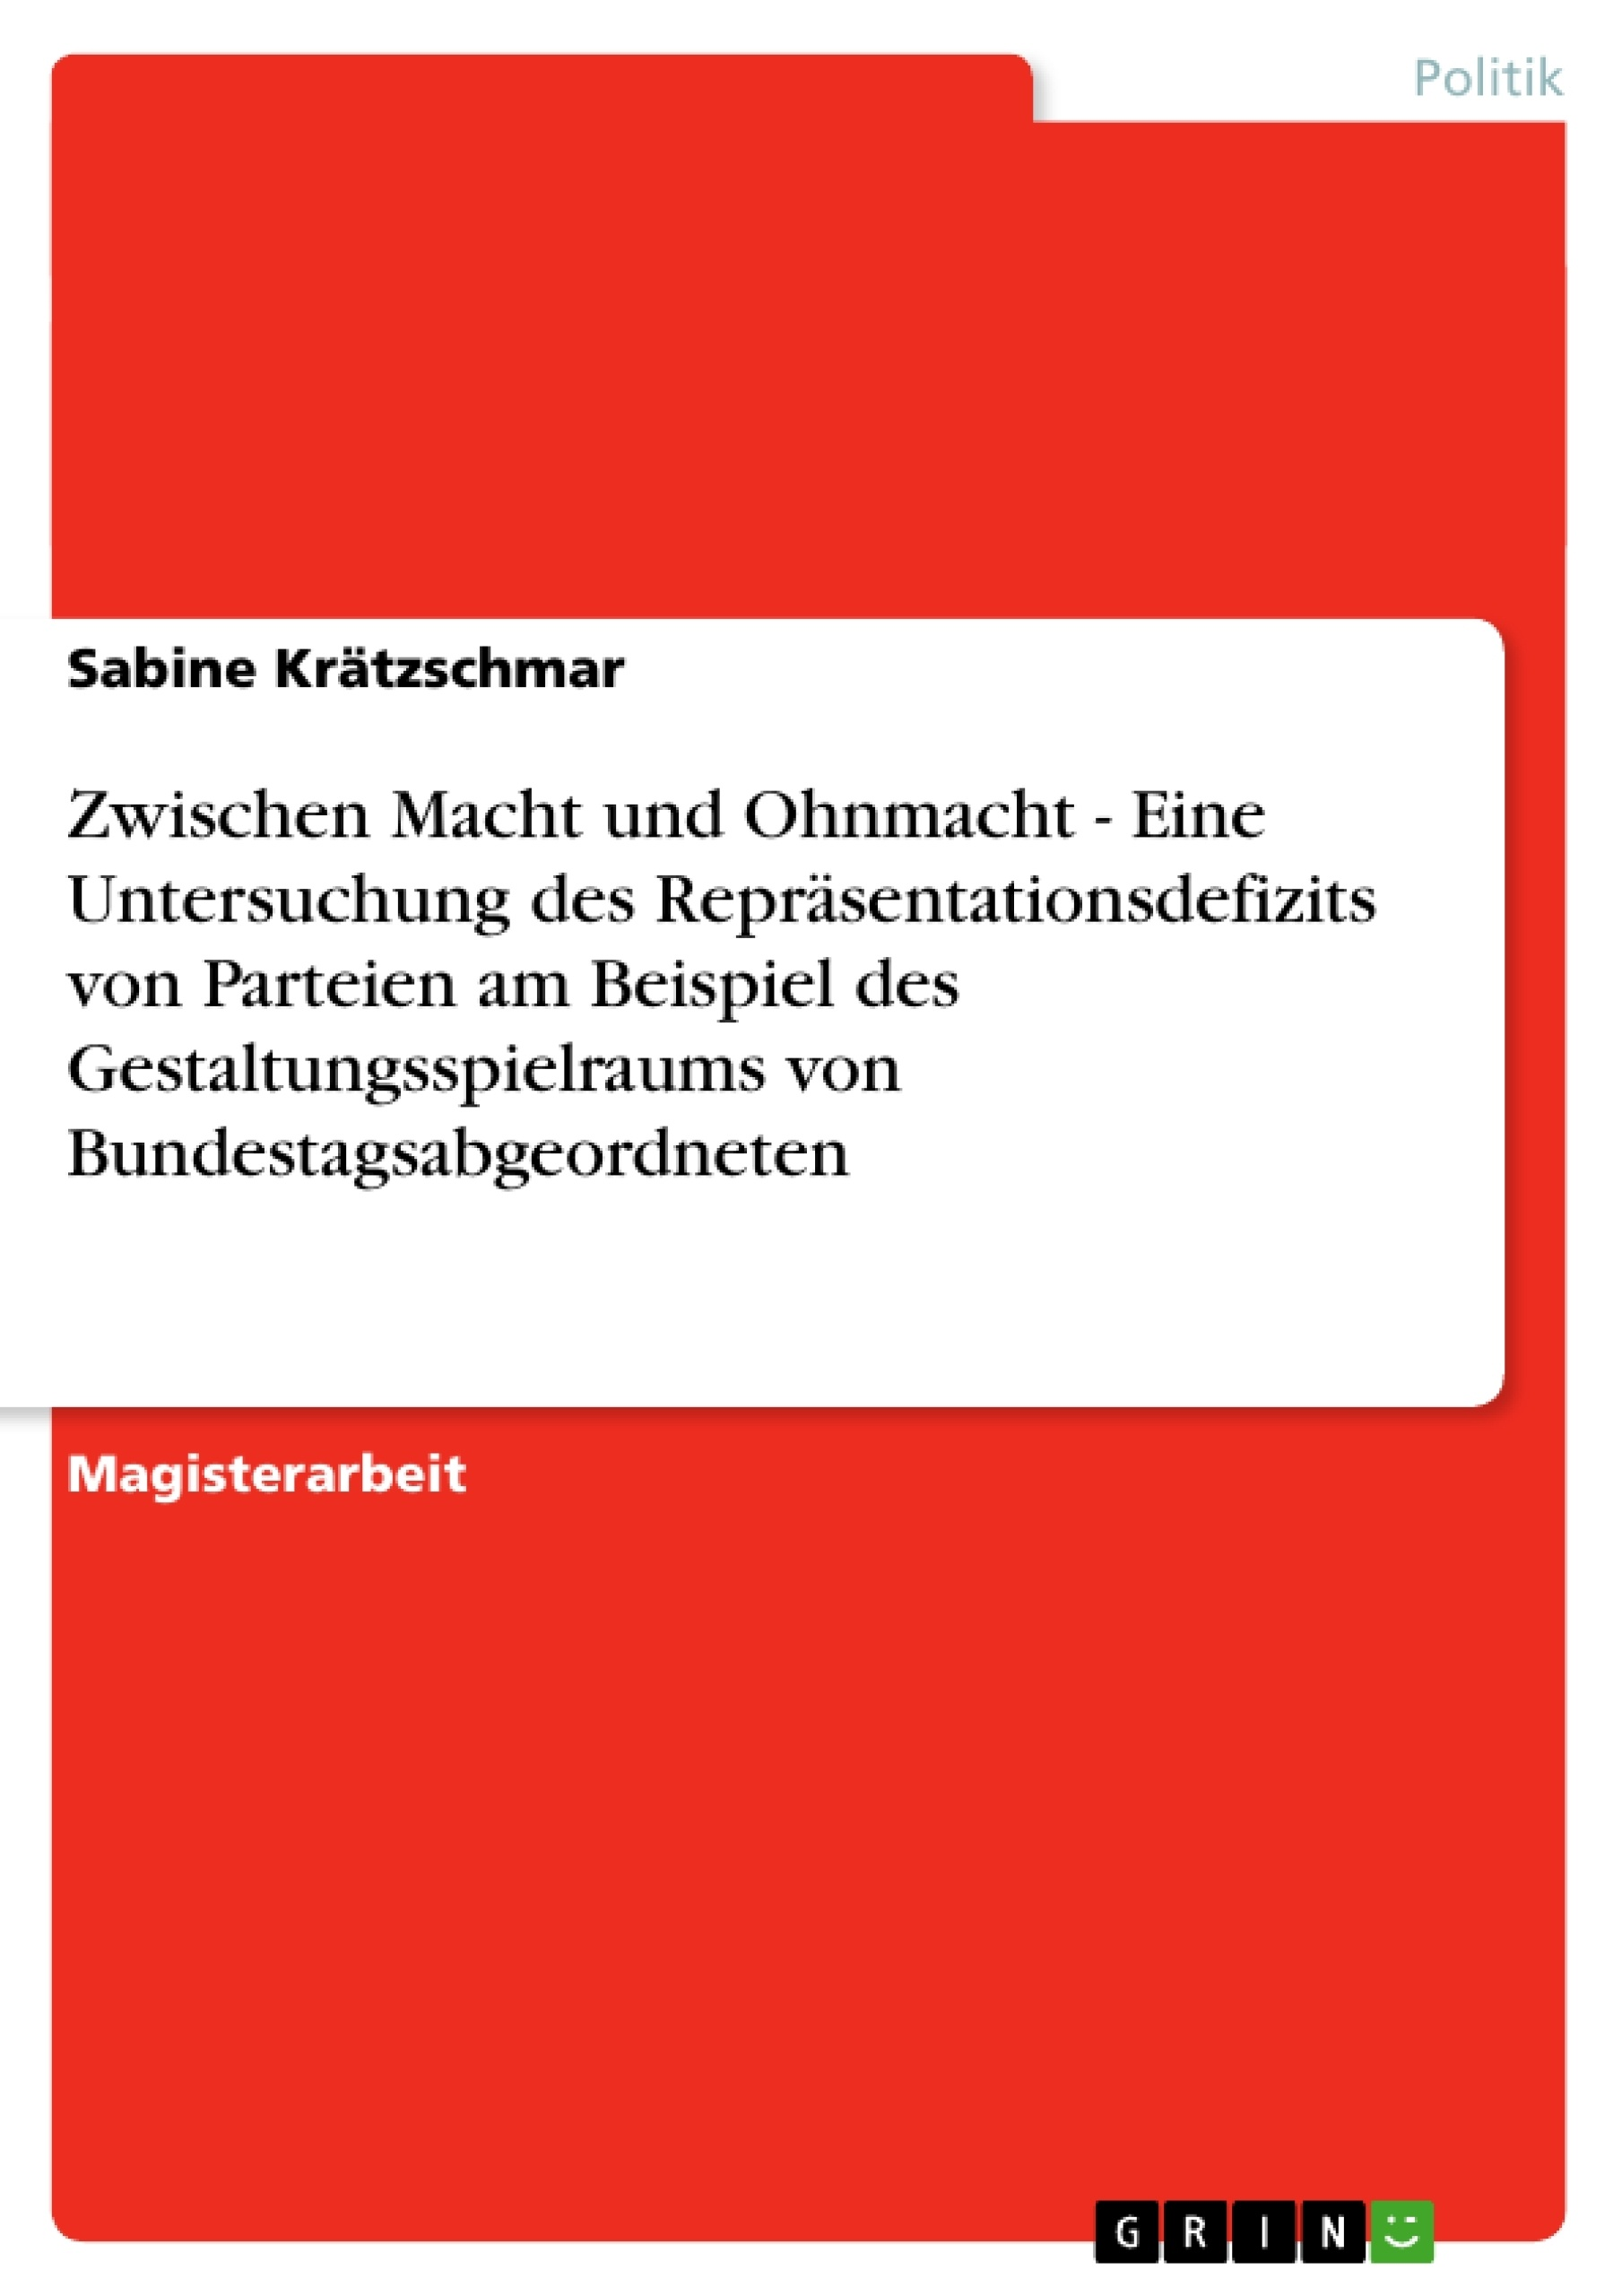 Titel: Zwischen Macht und Ohnmacht - Eine Untersuchung des Repräsentationsdefizits von Parteien am Beispiel des Gestaltungsspielraums von Bundestagsabgeordneten